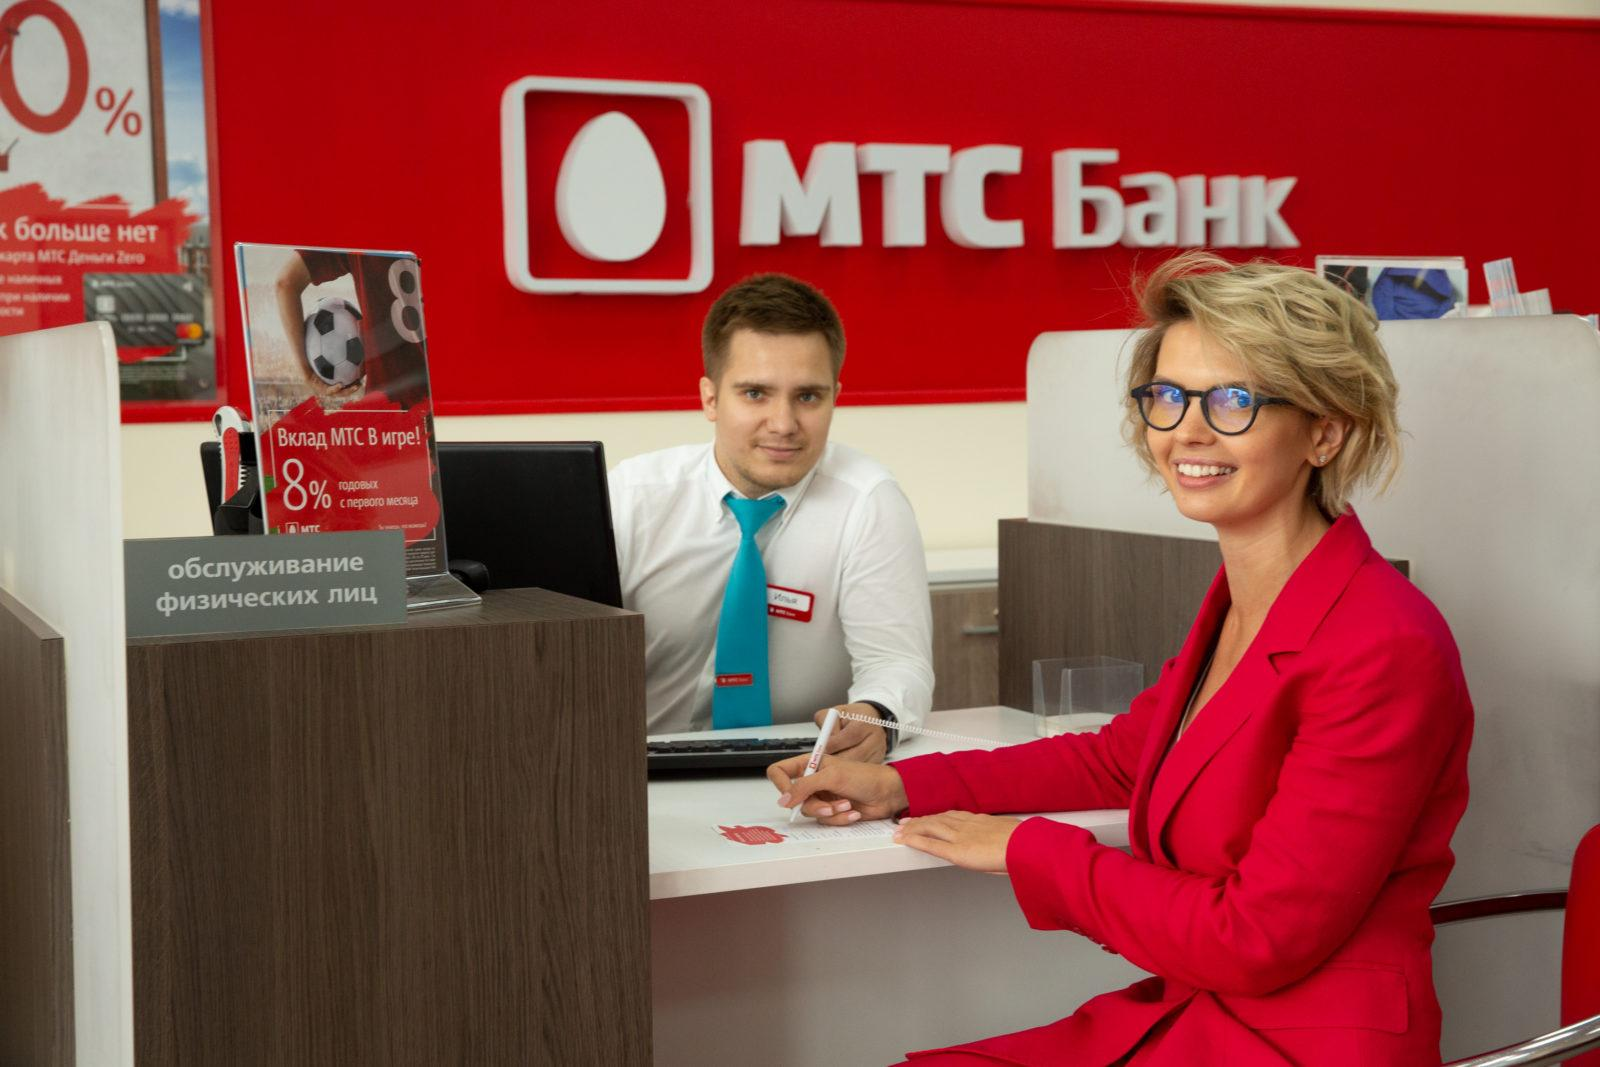 mts-bank-refinansirovanie-kreditov-drugix-bankov_6